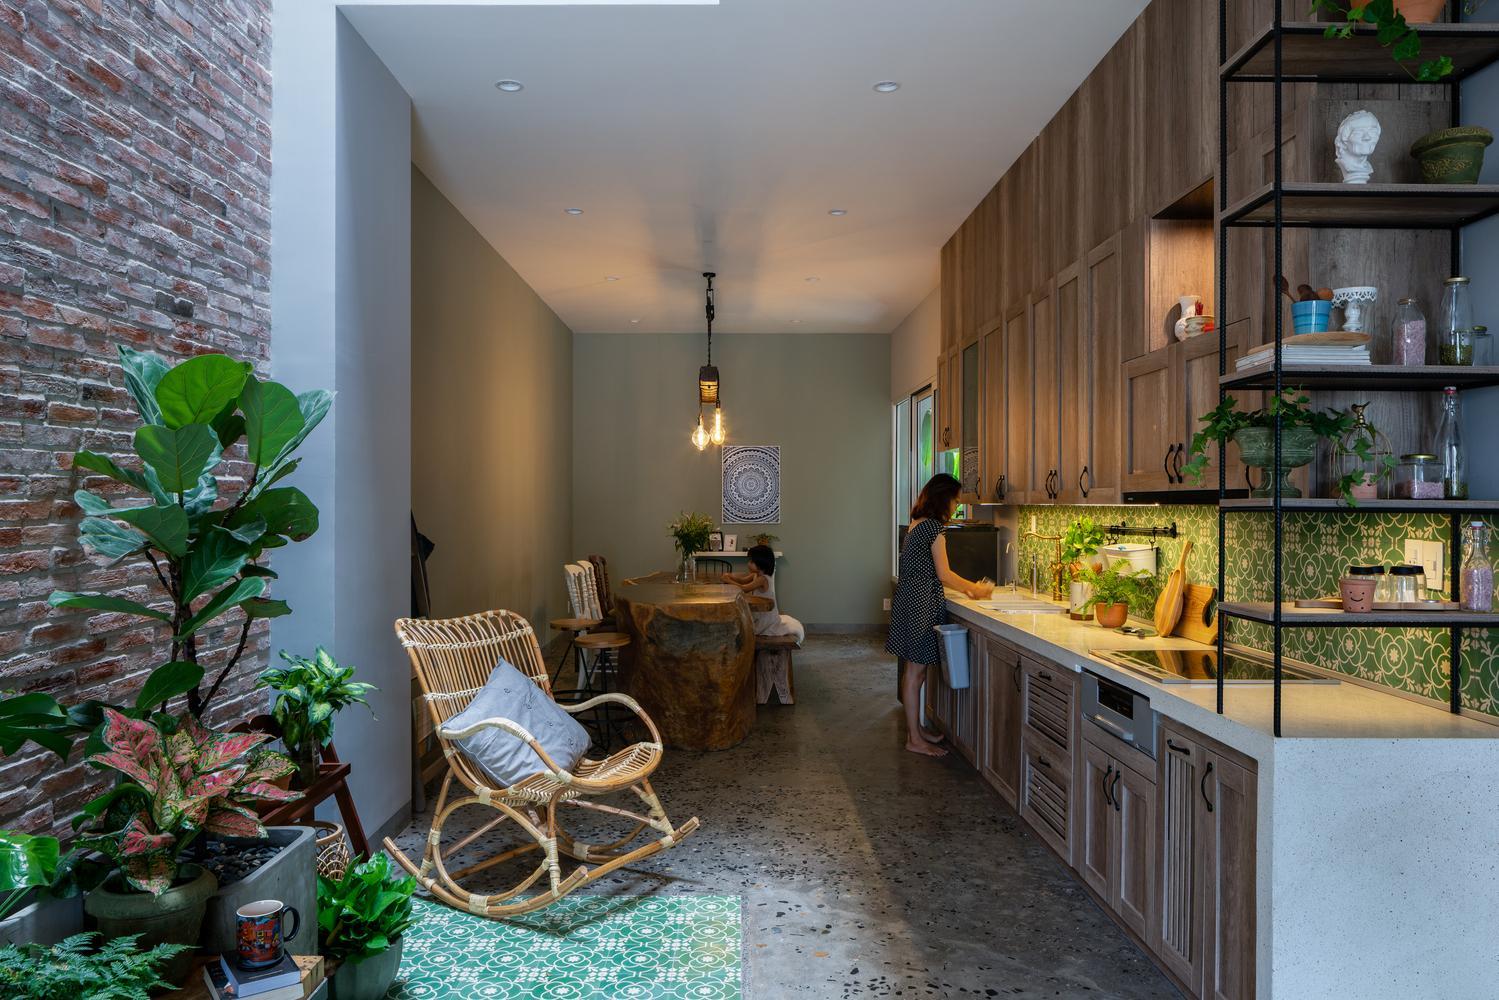 kham pha ngoi nha dac biet tai da nang thu hut moi anh nhin 7 - Khám phá ngôi nhà đặc biệt tại Đà Nẵng thu hút mọi ánh nhìn